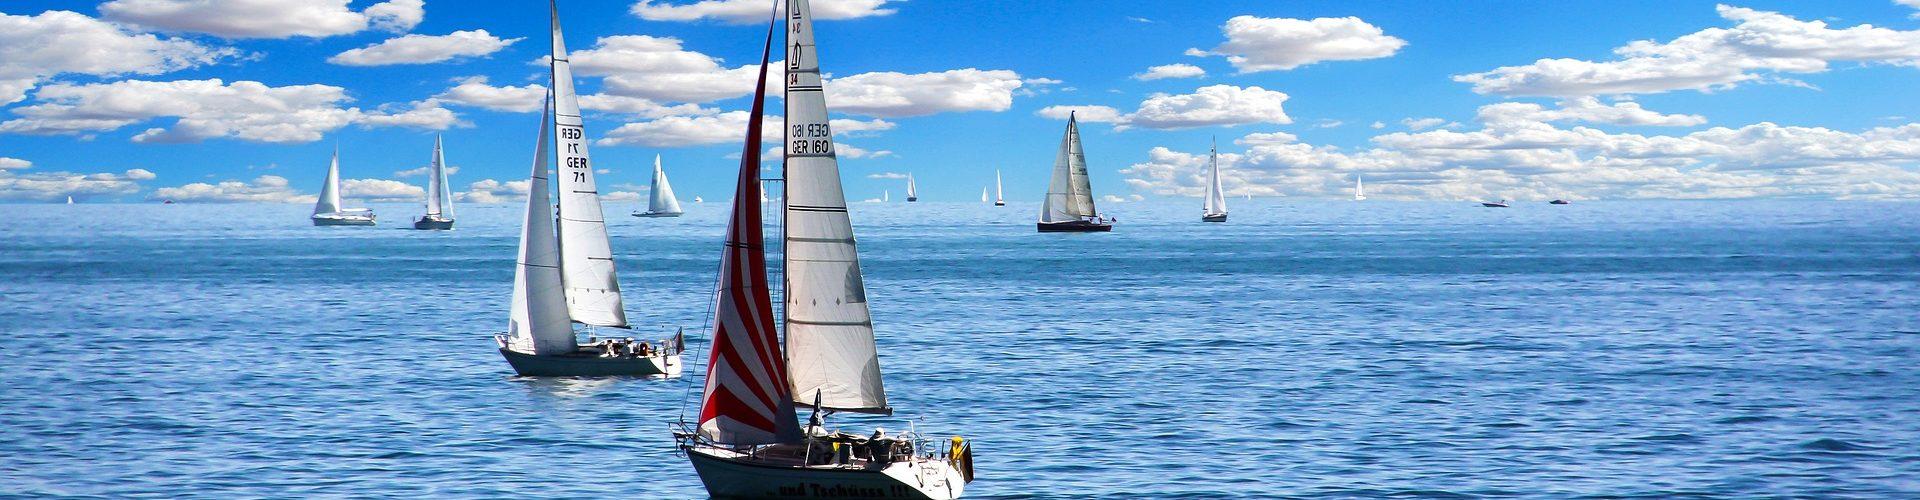 segeln lernen in Gstadt am Chiemsee segelschein machen in Gstadt am Chiemsee 1920x500 - Segeln lernen in Gstadt am Chiemsee